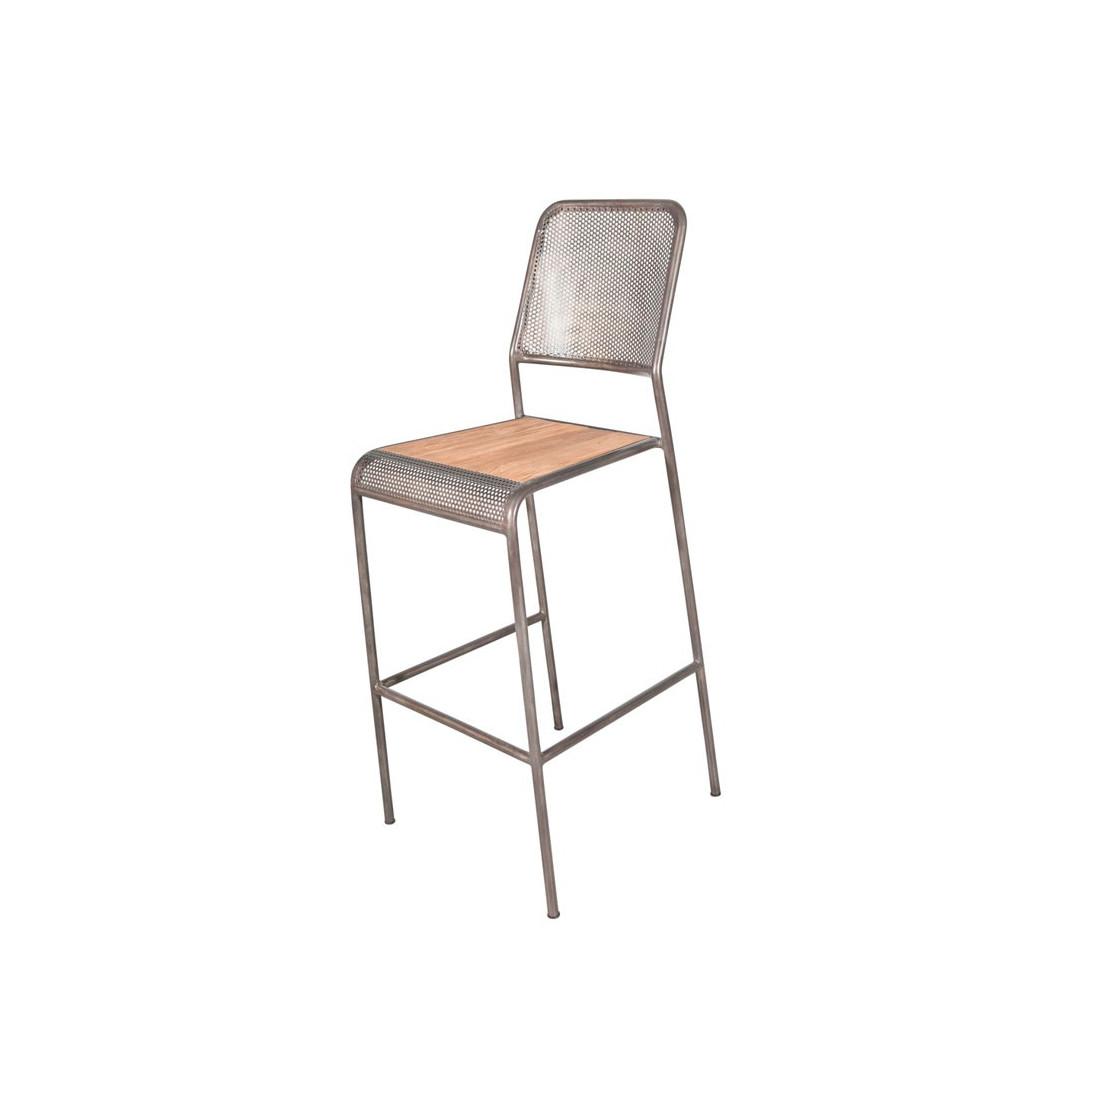 chaise de bar m tal perfor avec dossier univers salon tousmesmeubles. Black Bedroom Furniture Sets. Home Design Ideas